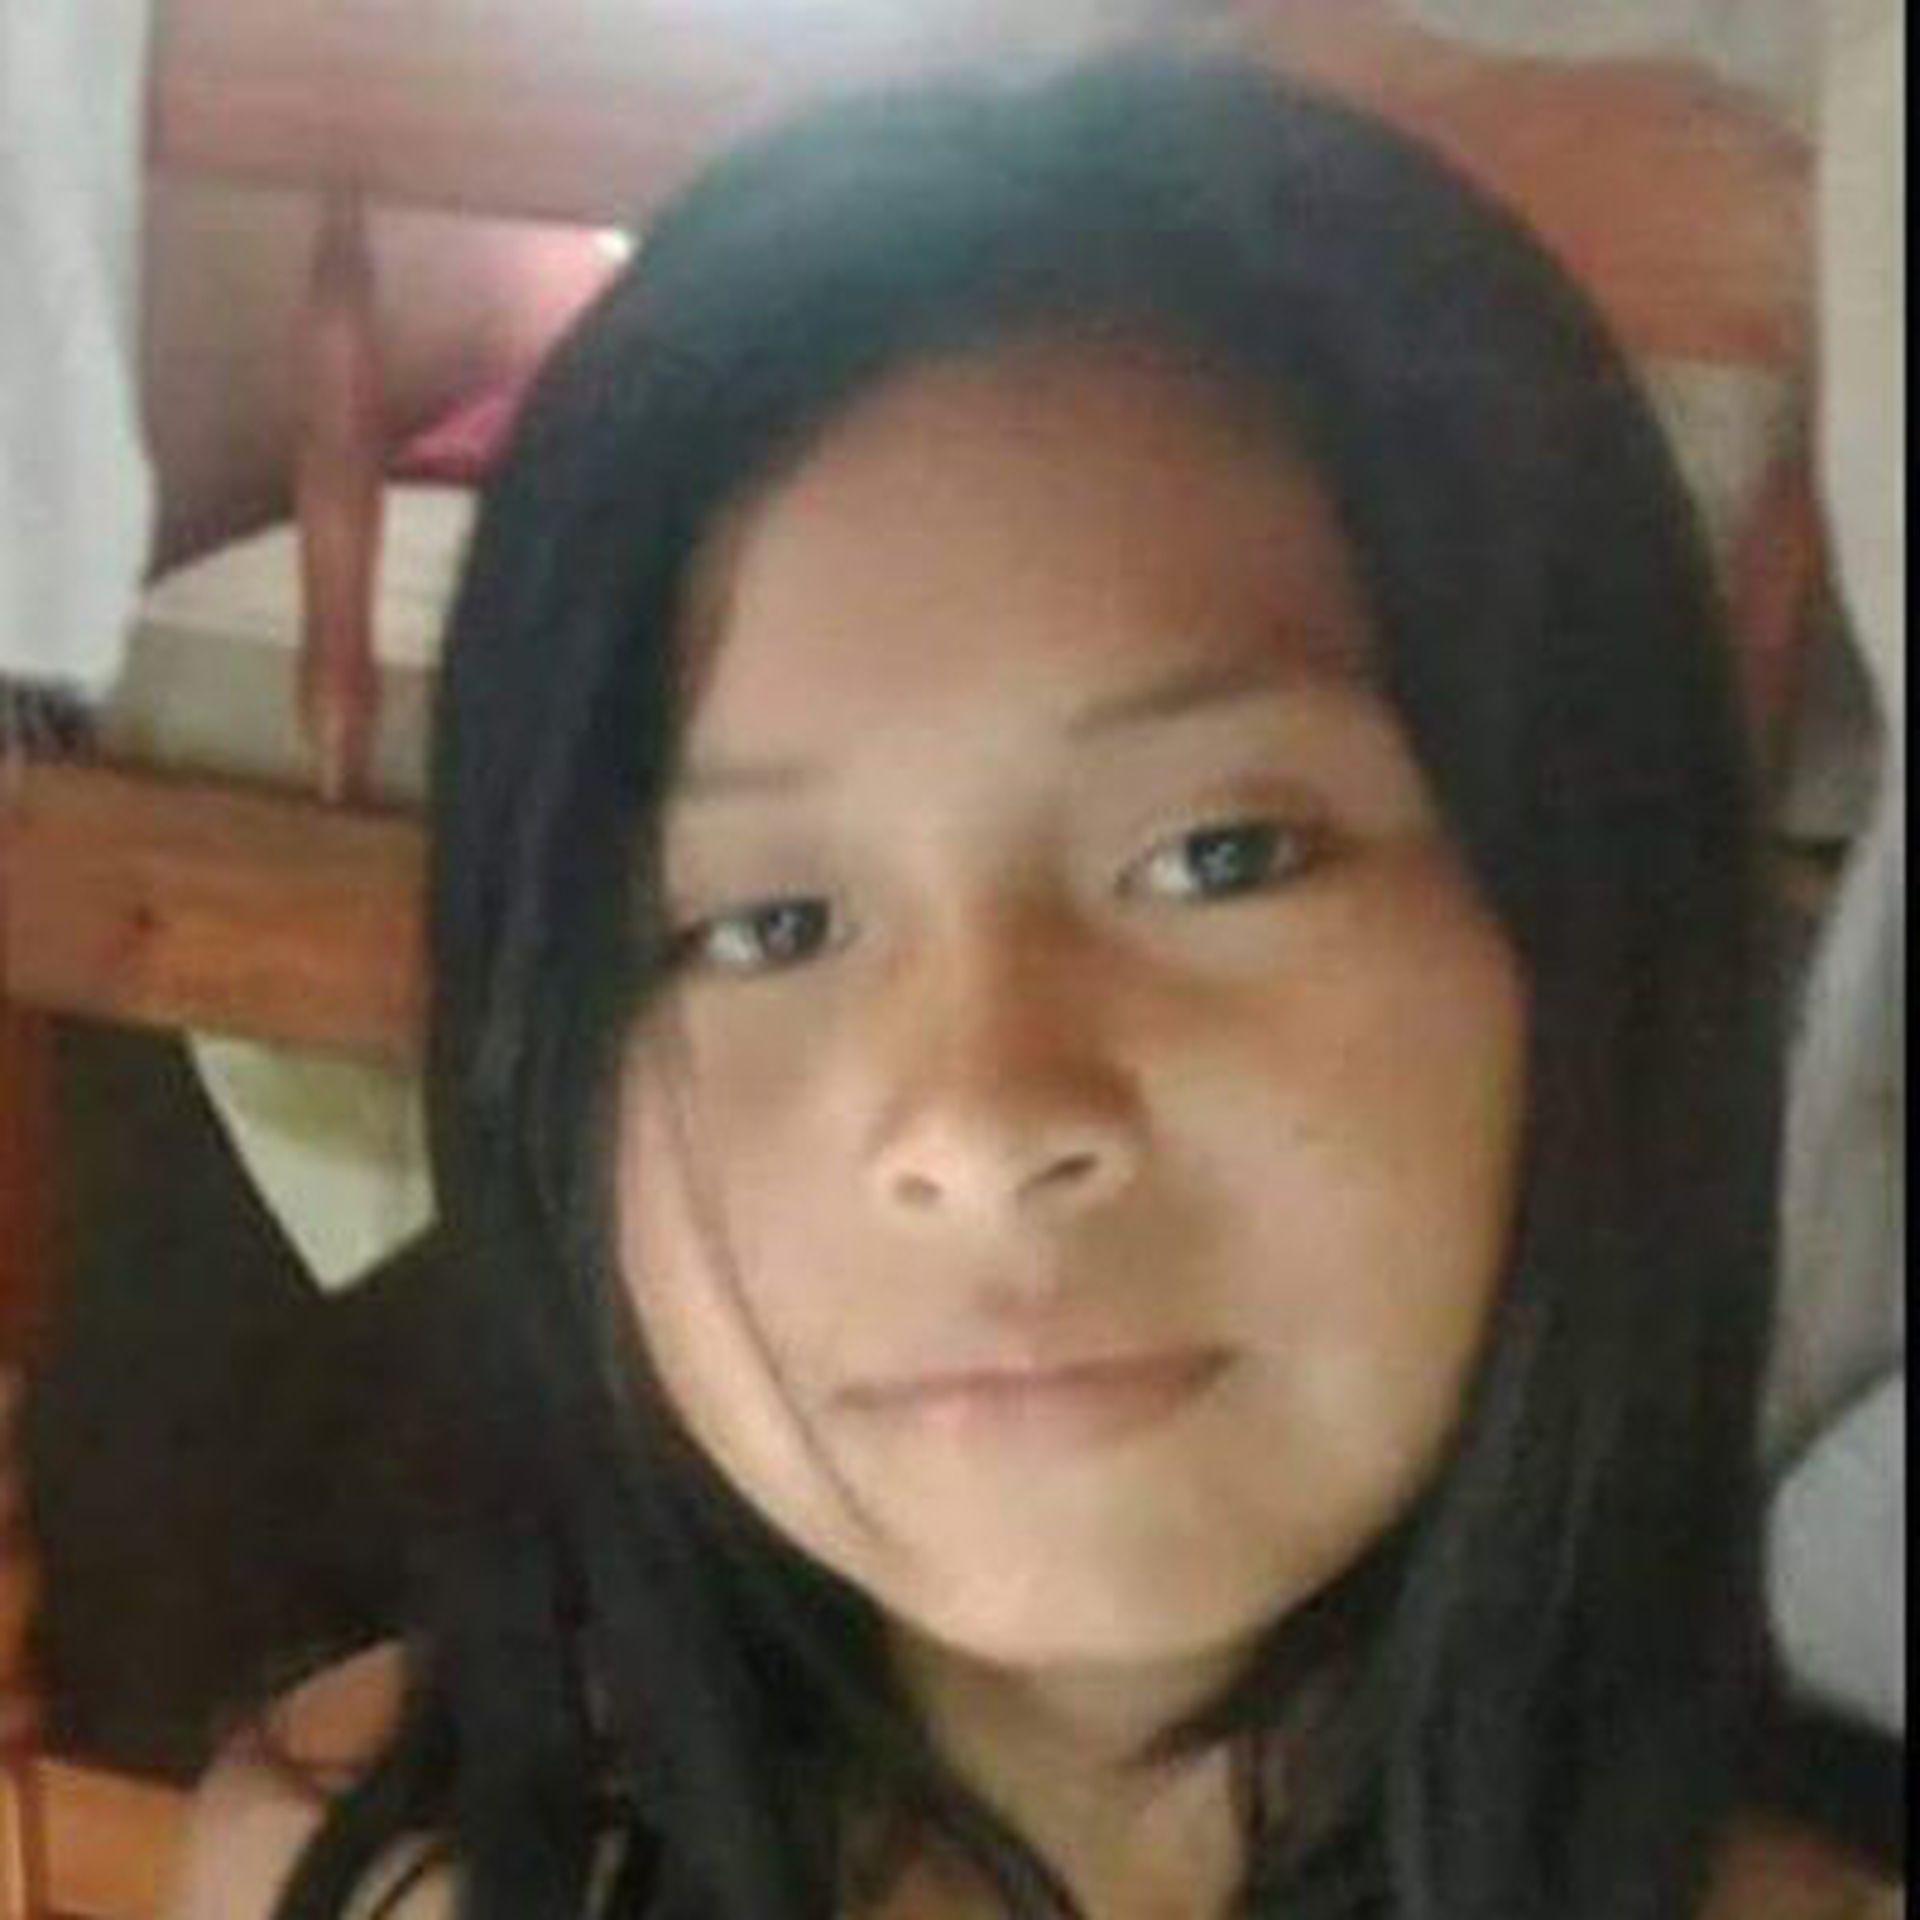 Delia Gerónimo Polijo traslasierra, Córdoba: no se sabe nada de ella desde el 18 de septiembre pasado. Tiene 14 años